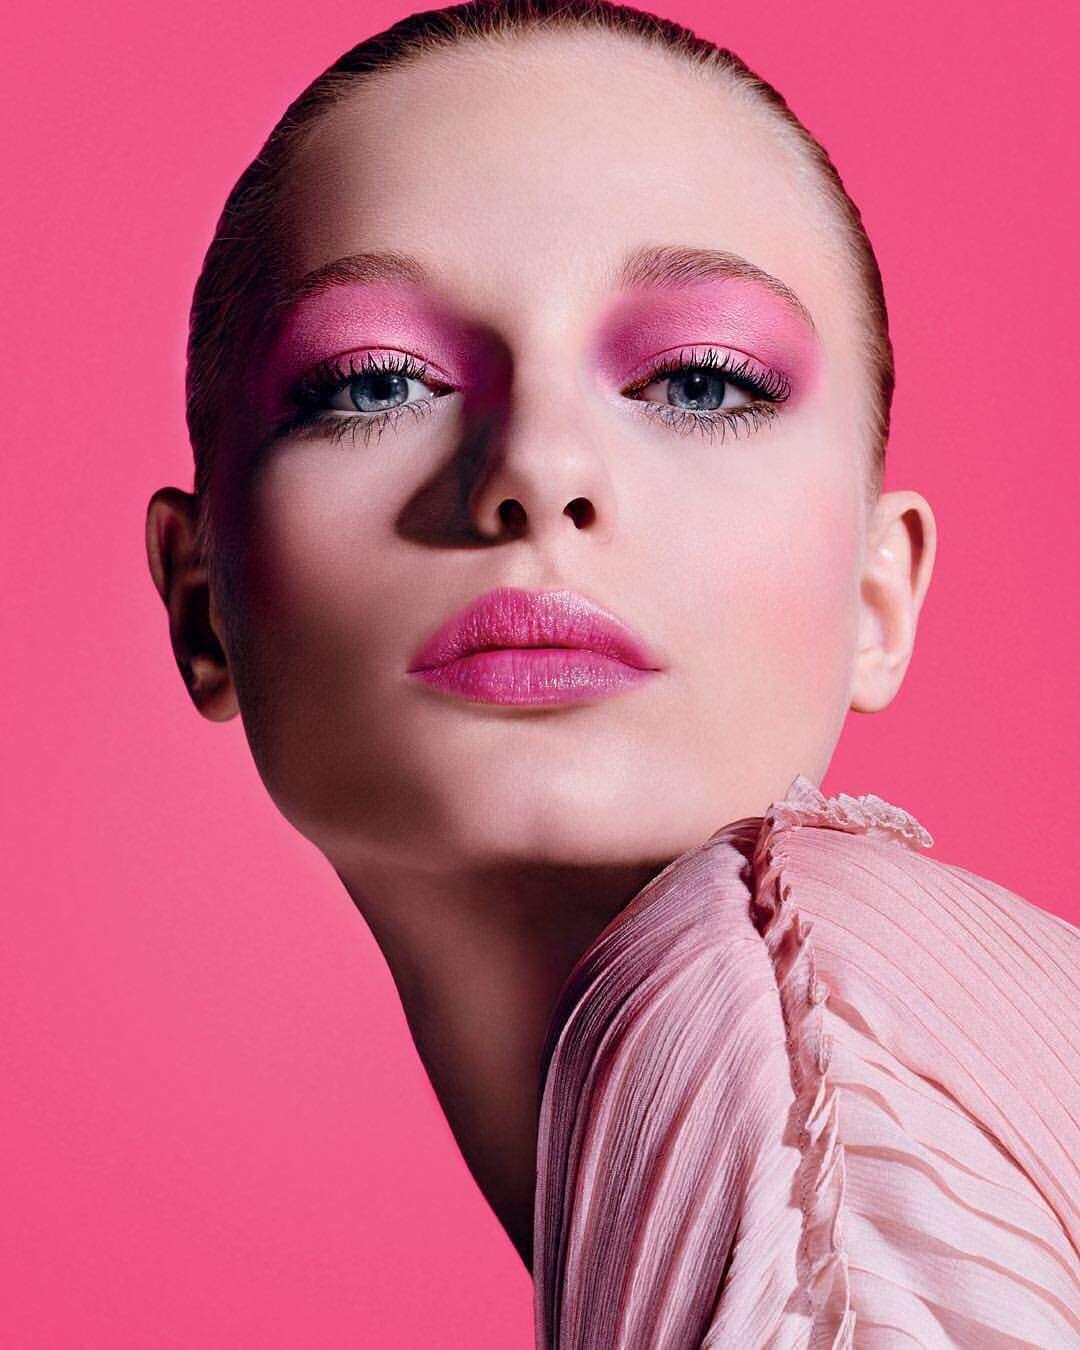 Trucco con labbra rosa